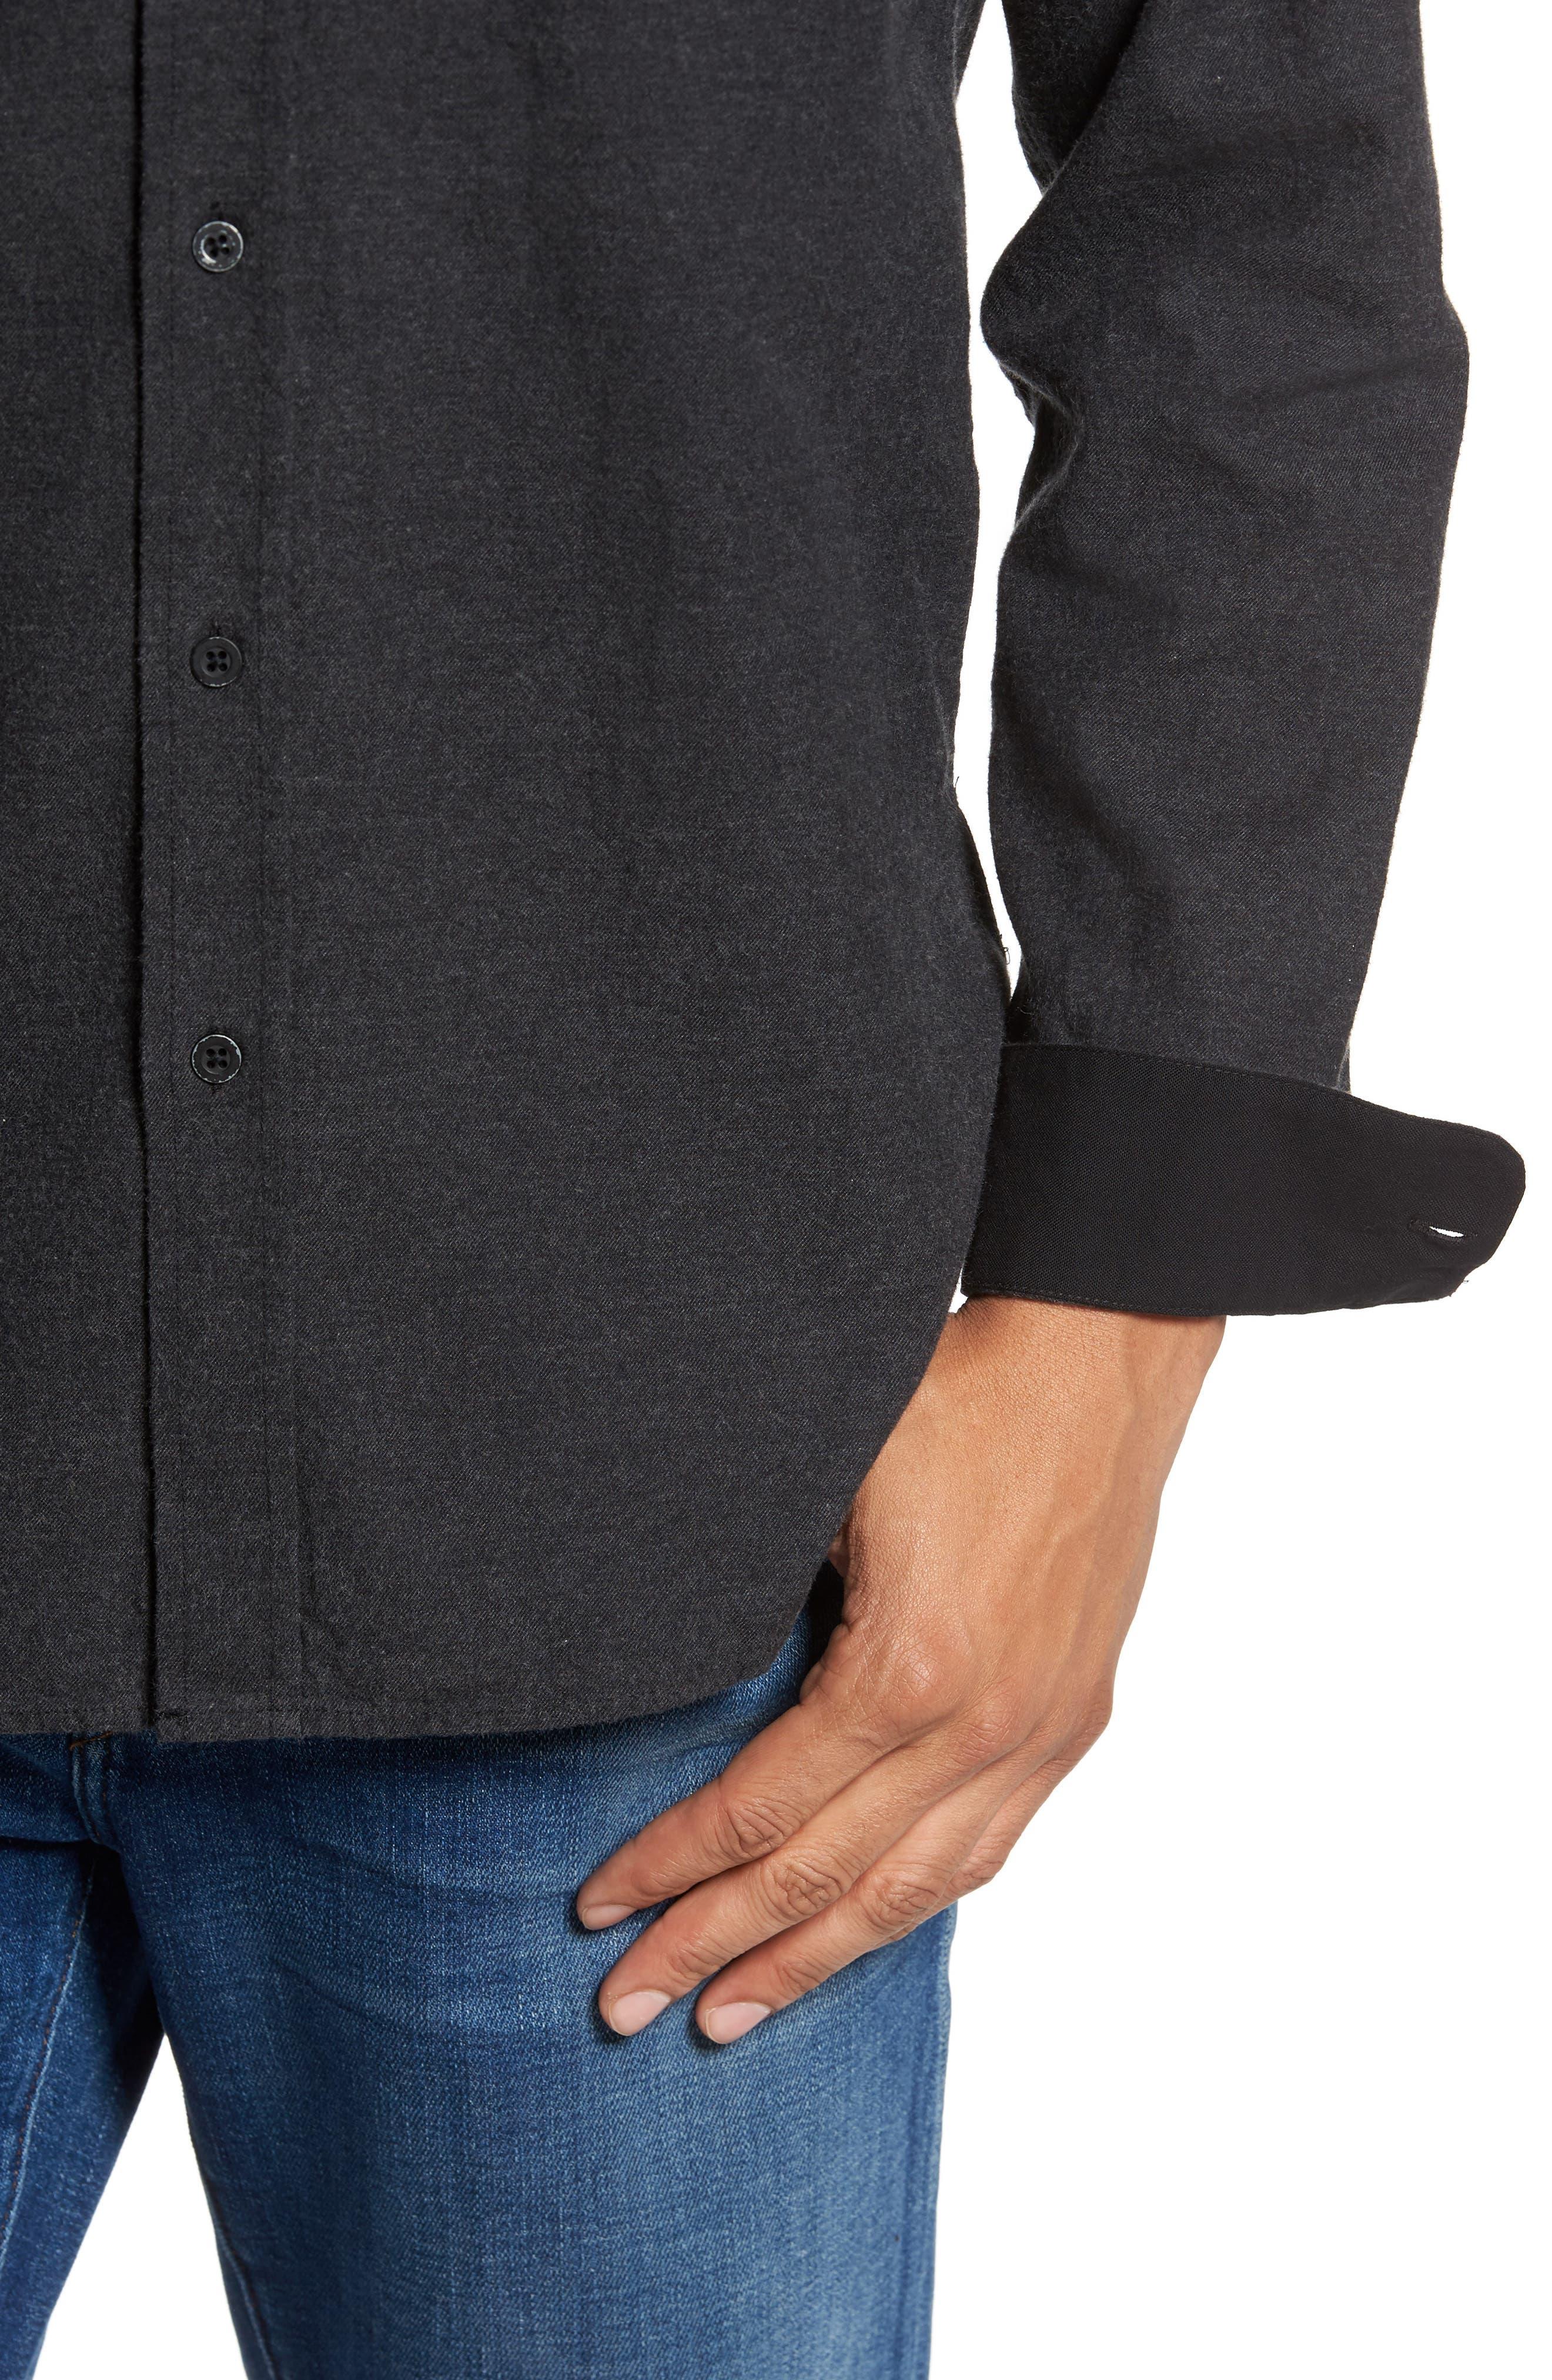 Caleb Slim Fit Sport Shirt,                             Alternate thumbnail 4, color,                             020